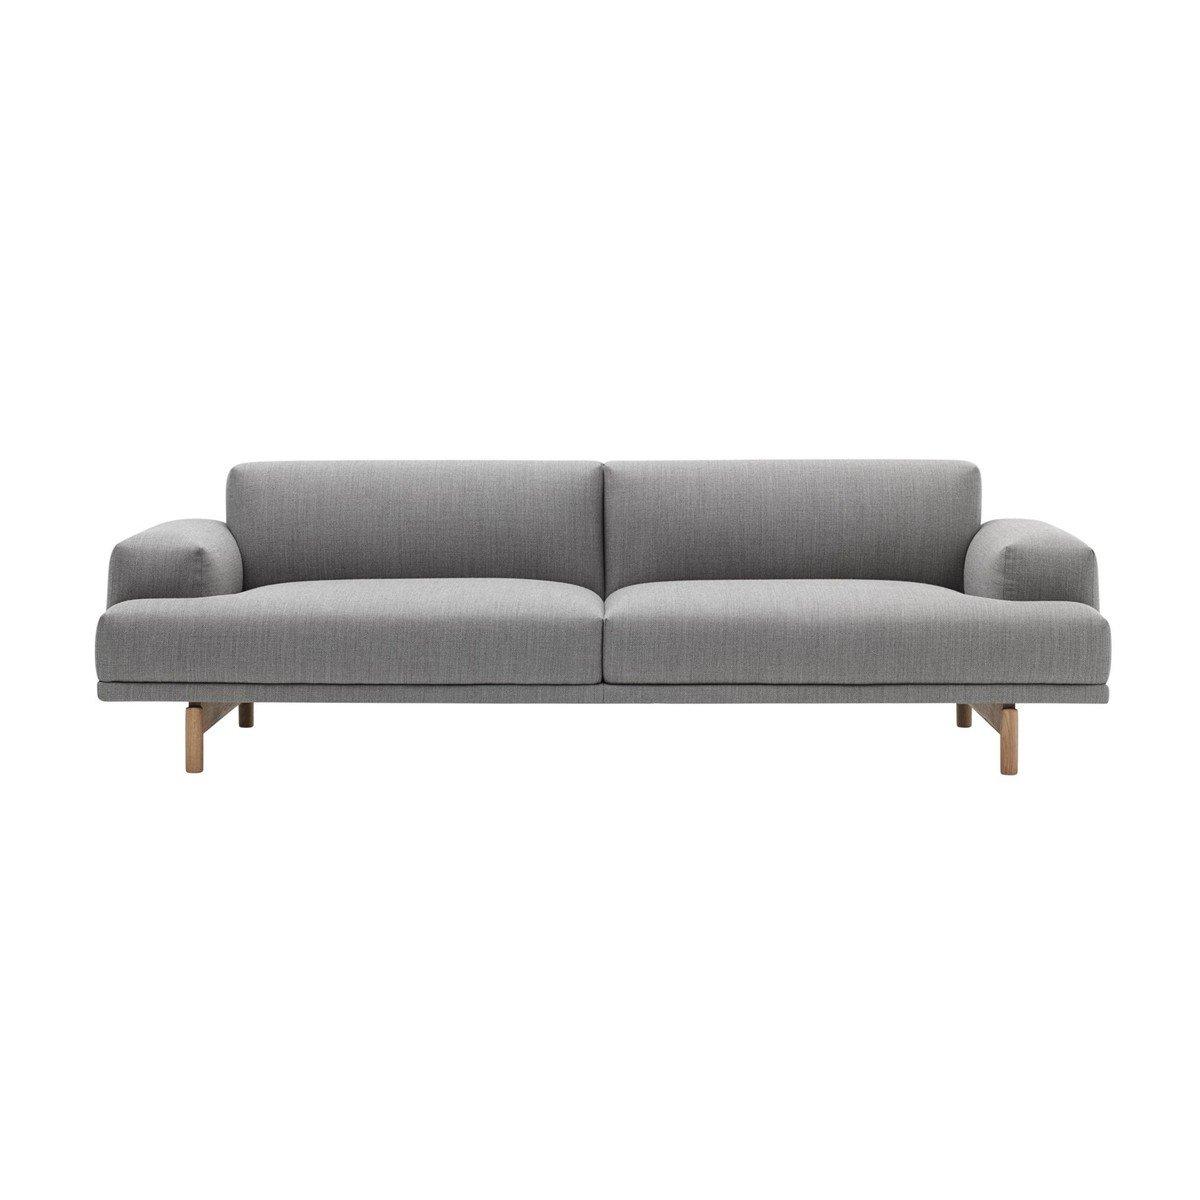 sofas 3 sitzer trendy wohnzimmer garnituren new sofa design erstaunlich echtes ledersofa sitzer. Black Bedroom Furniture Sets. Home Design Ideas